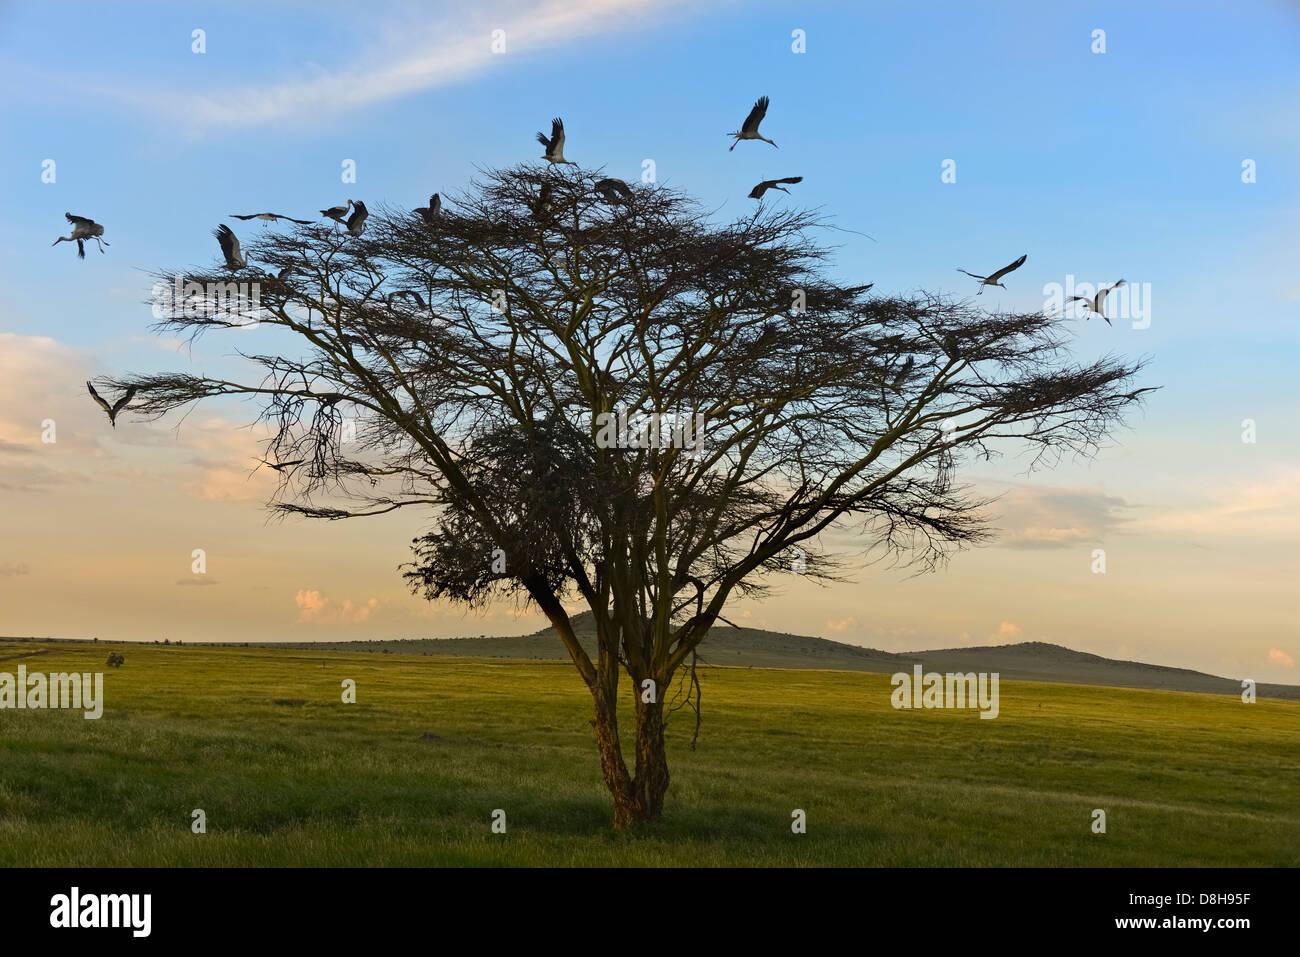 Akazie mit europäischen Weißstörche. Nord-Kenia Stockbild